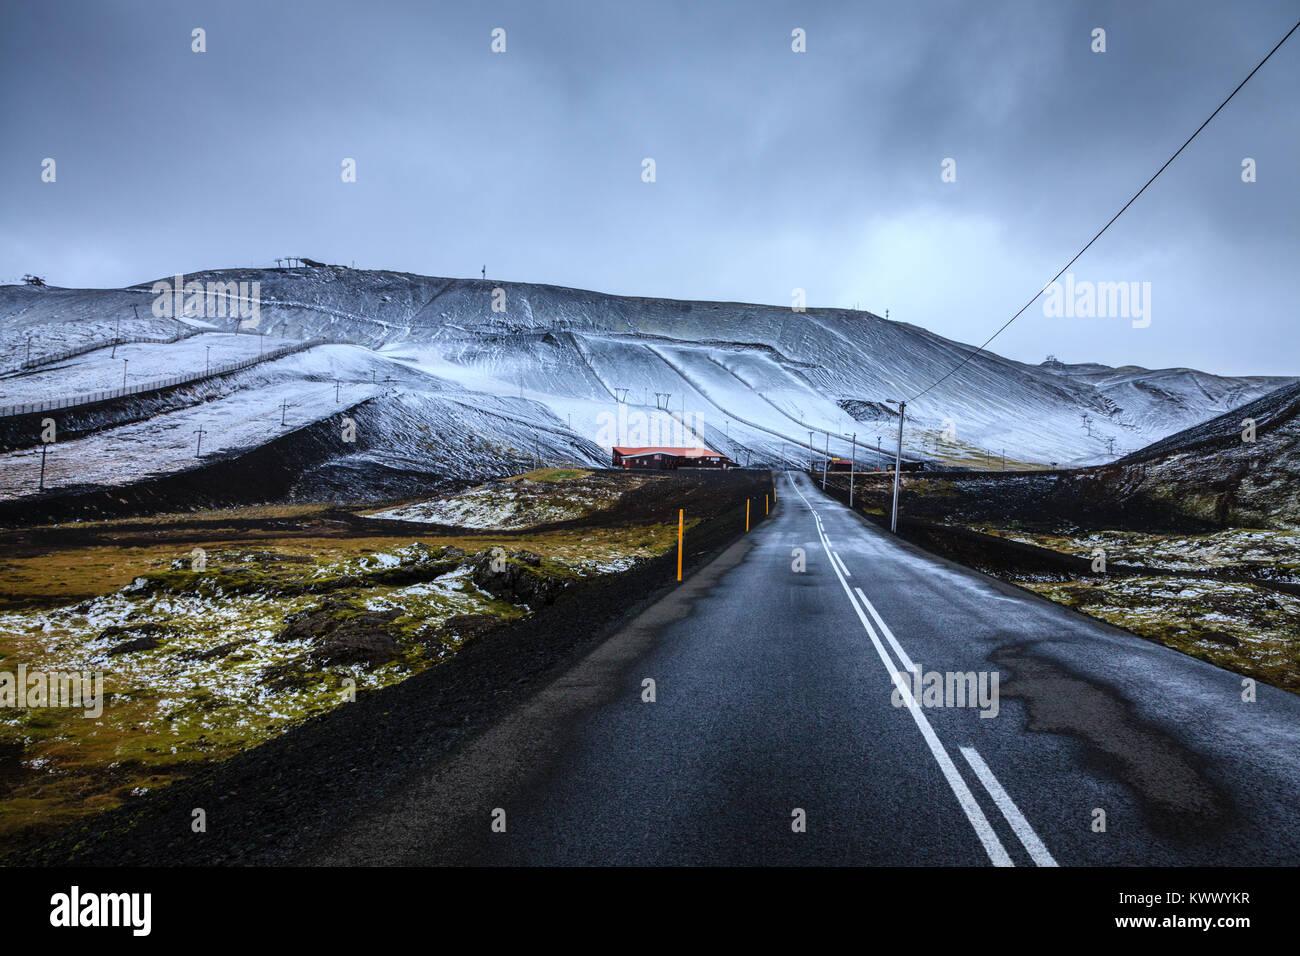 Erster Schnee auf Blafjoll ski resort in Island Anfang September Stockbild